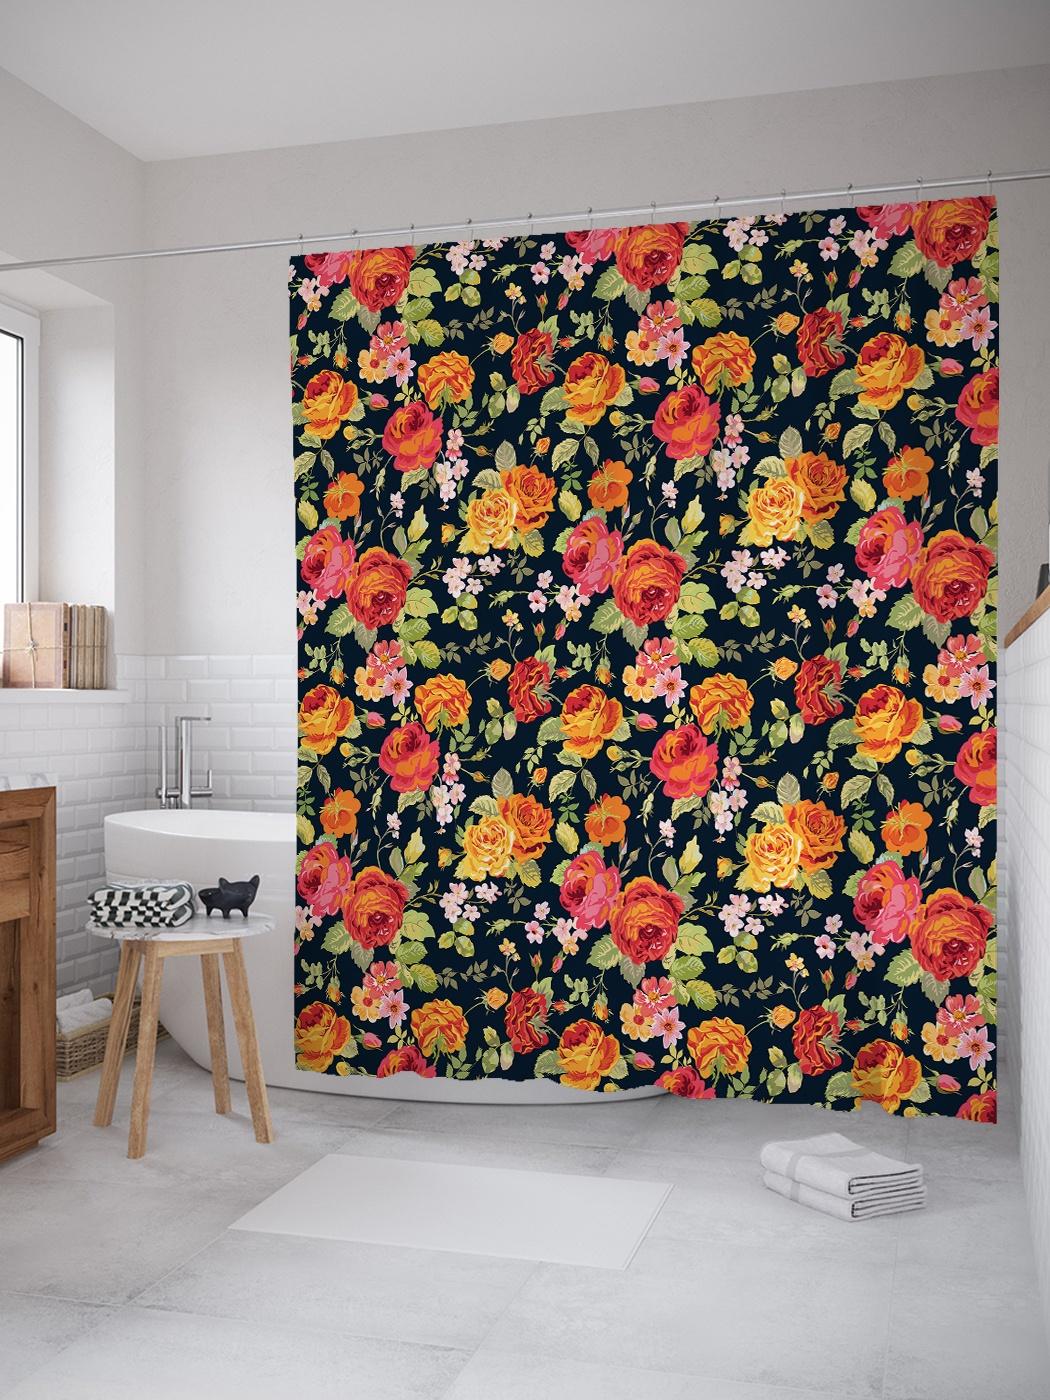 Штора (занавеска) для ванной «Цветочный ковер» из ткани, 180х200 см с крючками